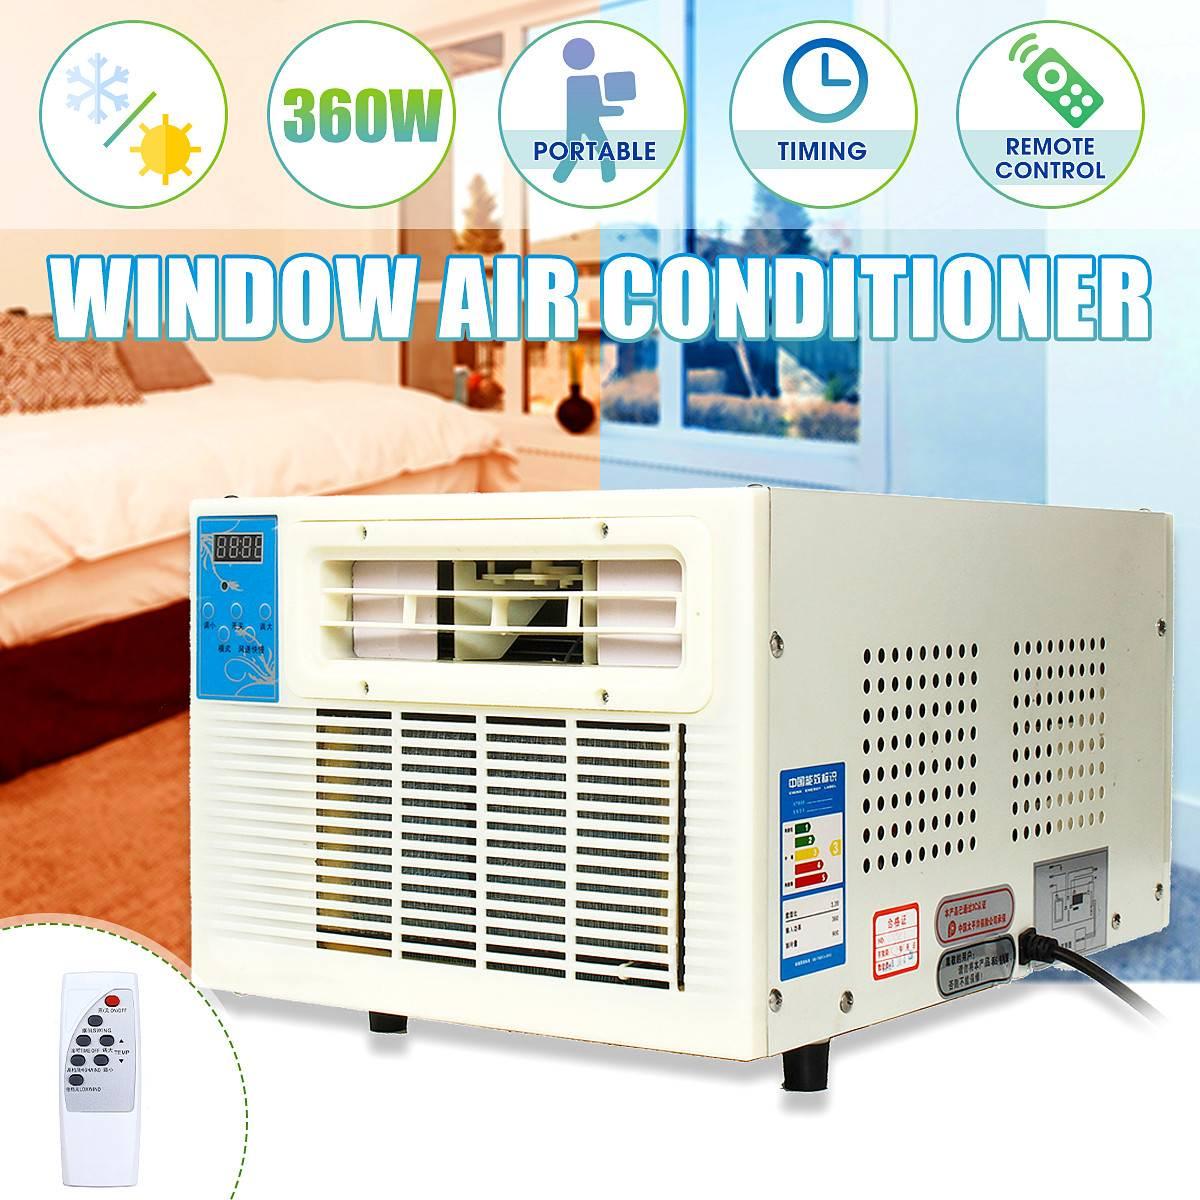 Obligatorisch Mini 900 W 3072 Btu Kalt/wärme Dual Verwenden Tragbare Heizung Klimaanlage Fenster Klimaanlage Kühlung Heizung Entfeuchtung Klimaanlagen